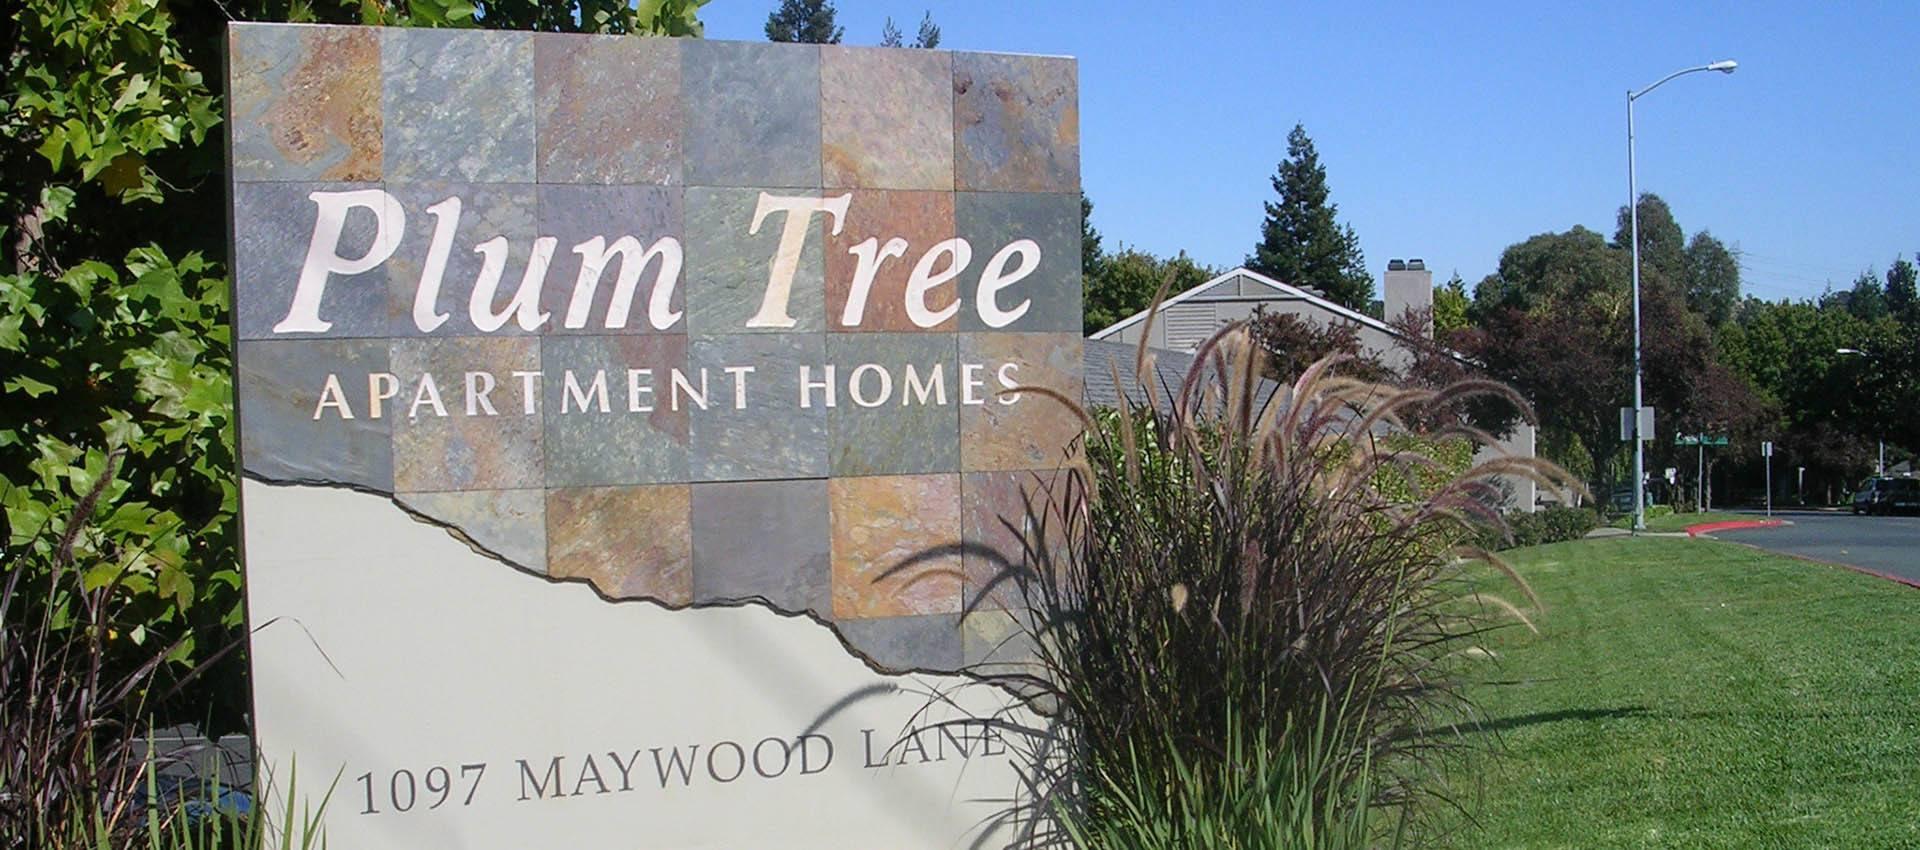 Signage at Plum Tree Apartment Homes in Martinez, CA